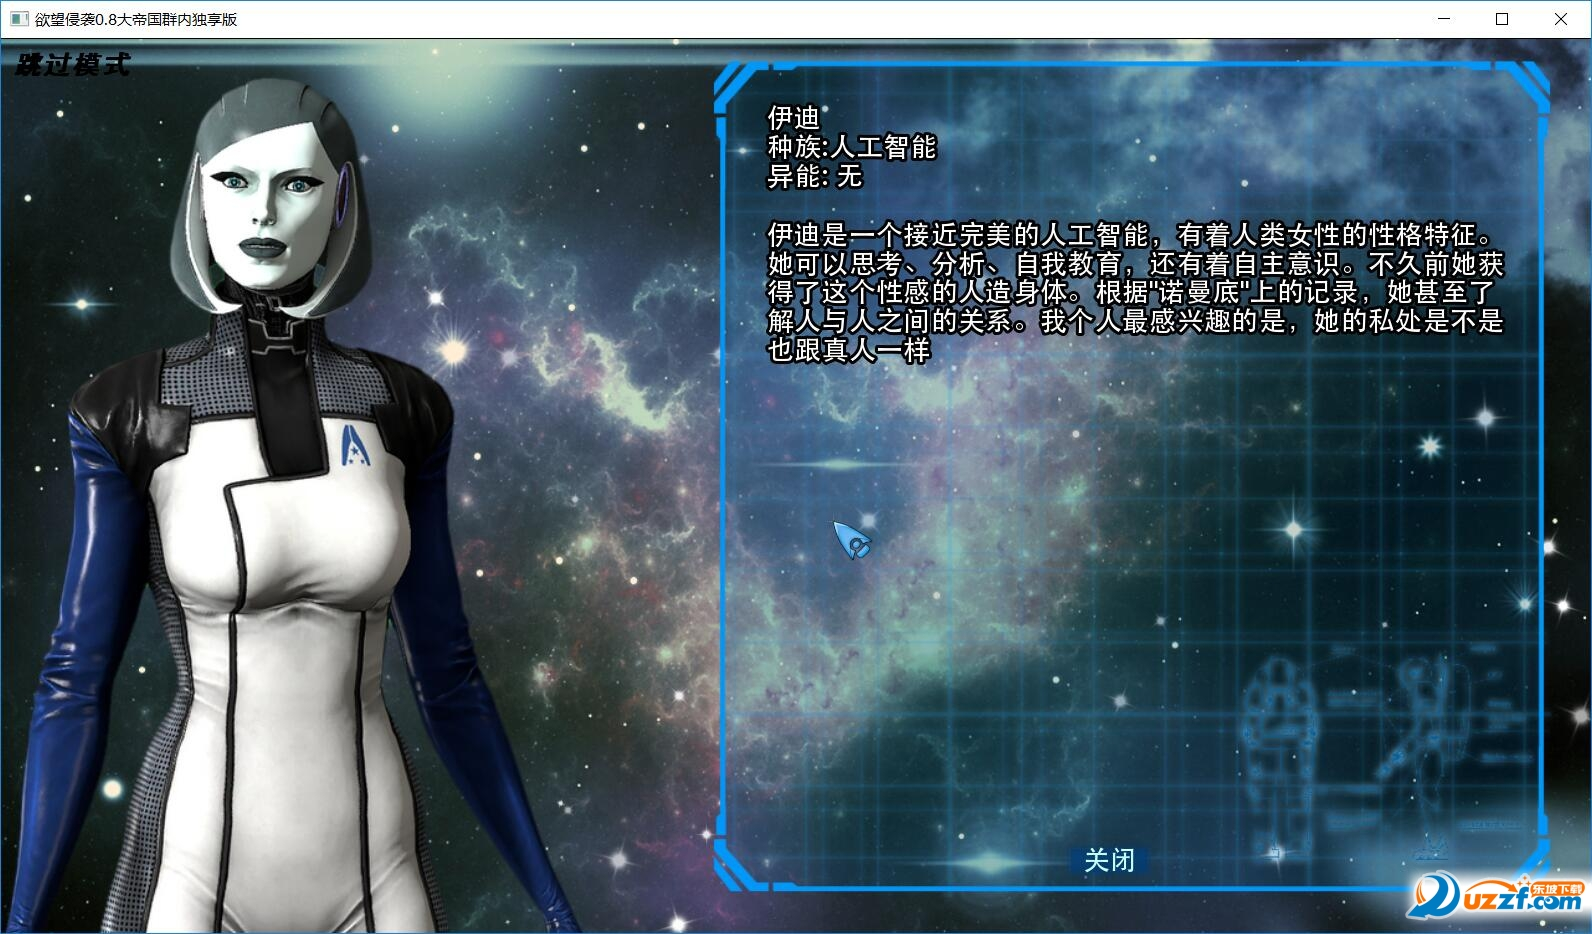 欲望的侵袭0.8中文版截图3